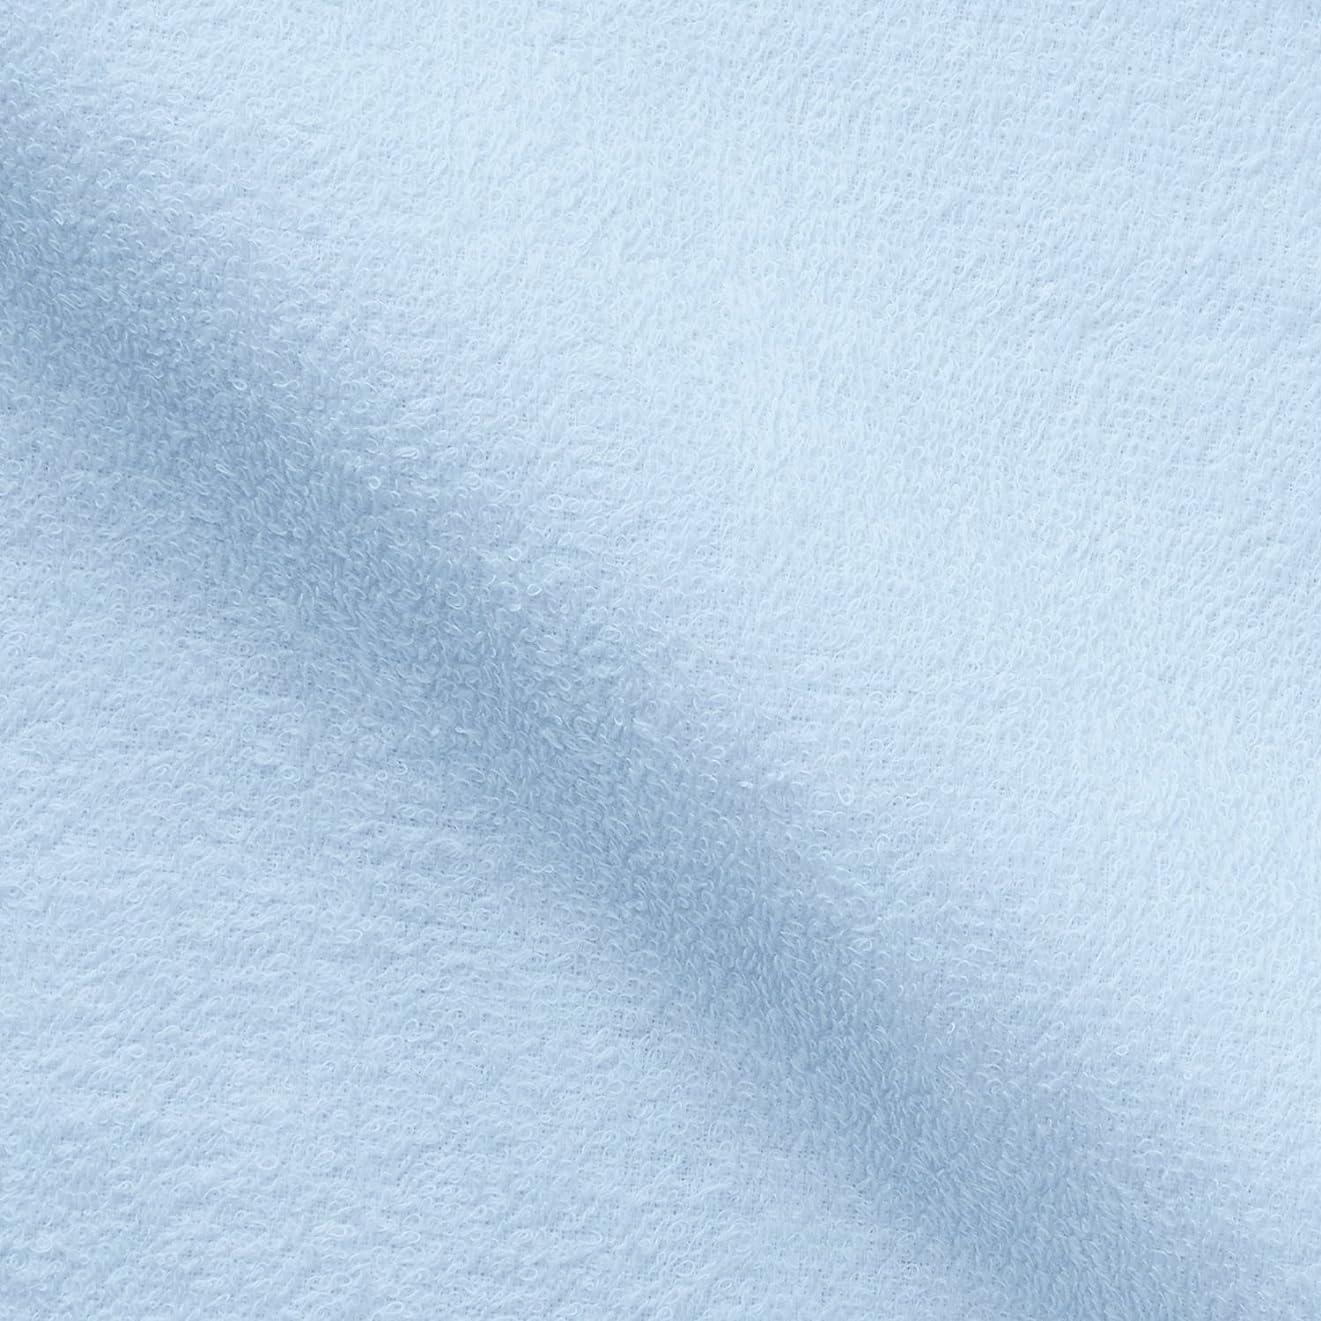 呼吸挑発する浸透するキヨタ 抗菌介護タオル(フェイスタオル12枚入) ブルー 34×84cm